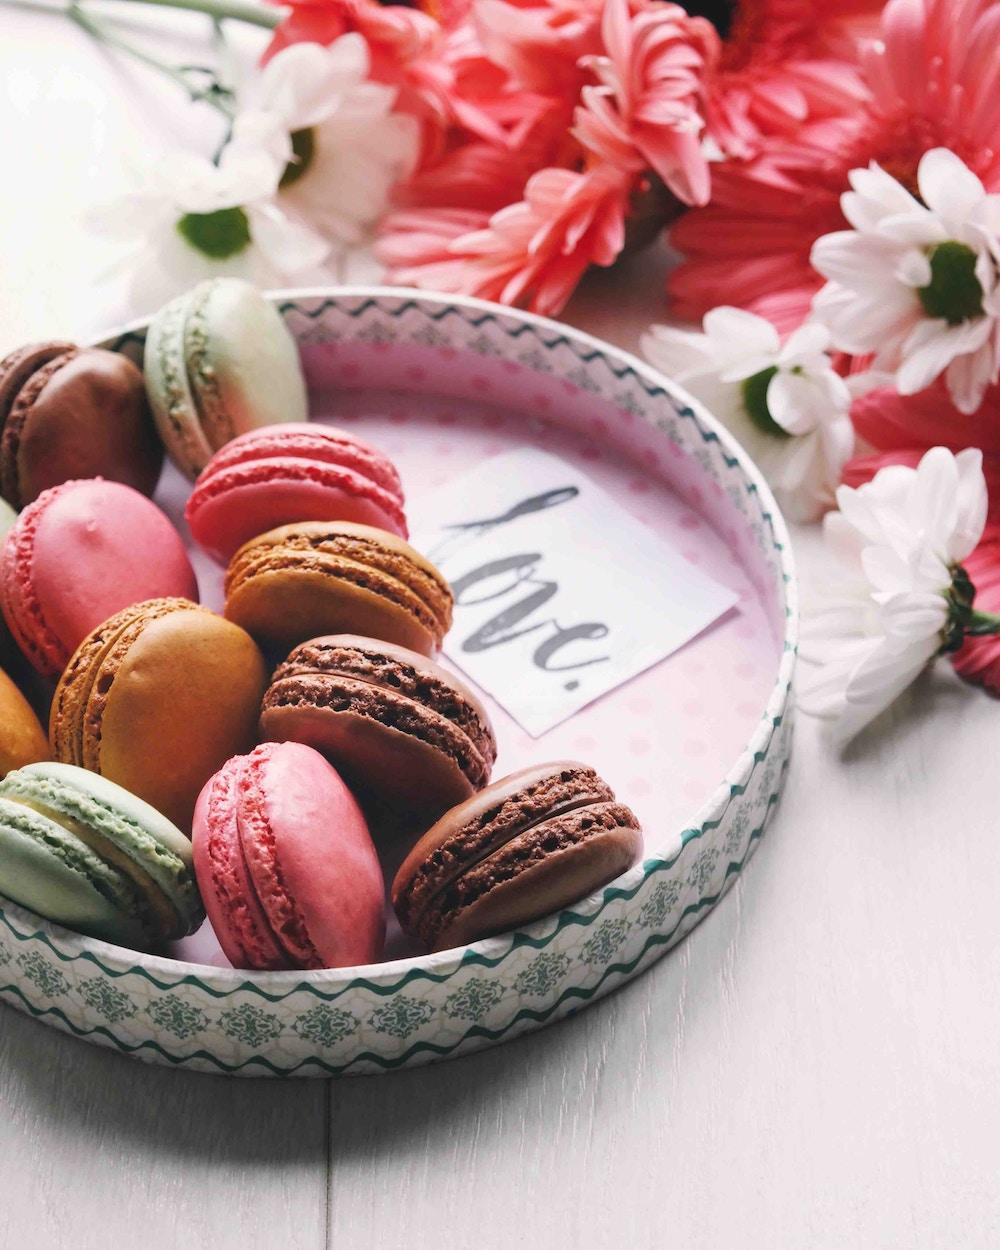 makrónky, jedlo, sladkosti, výživa, dezert